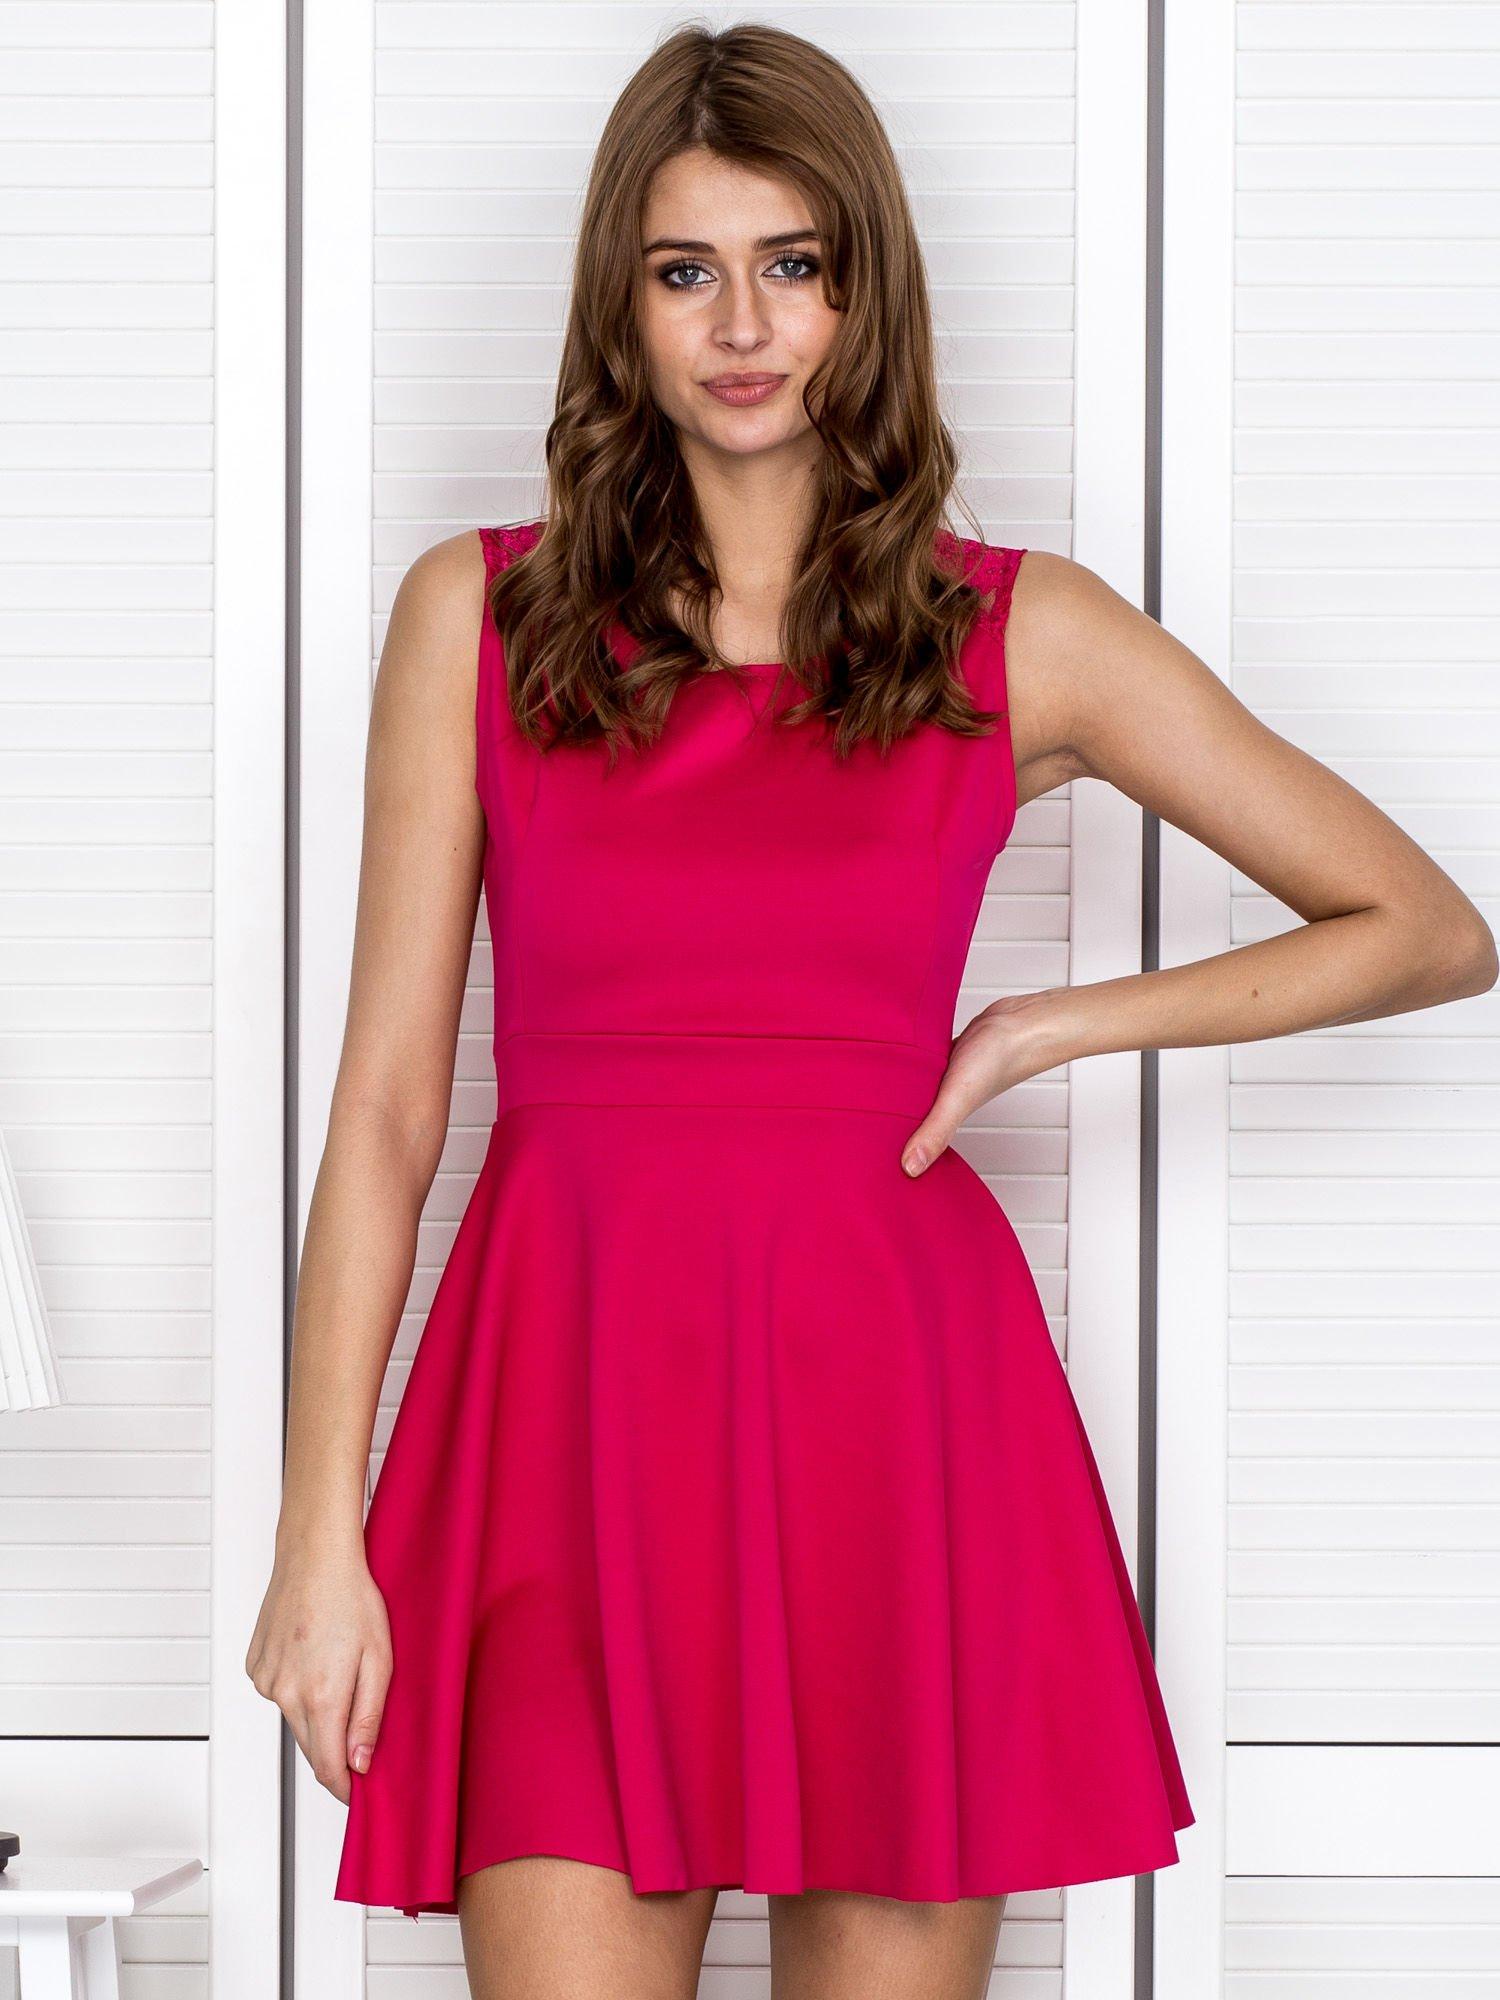 648935aee2 Różowa sukienka z koronką na ramionach - Sukienka koktajlowa - sklep ...